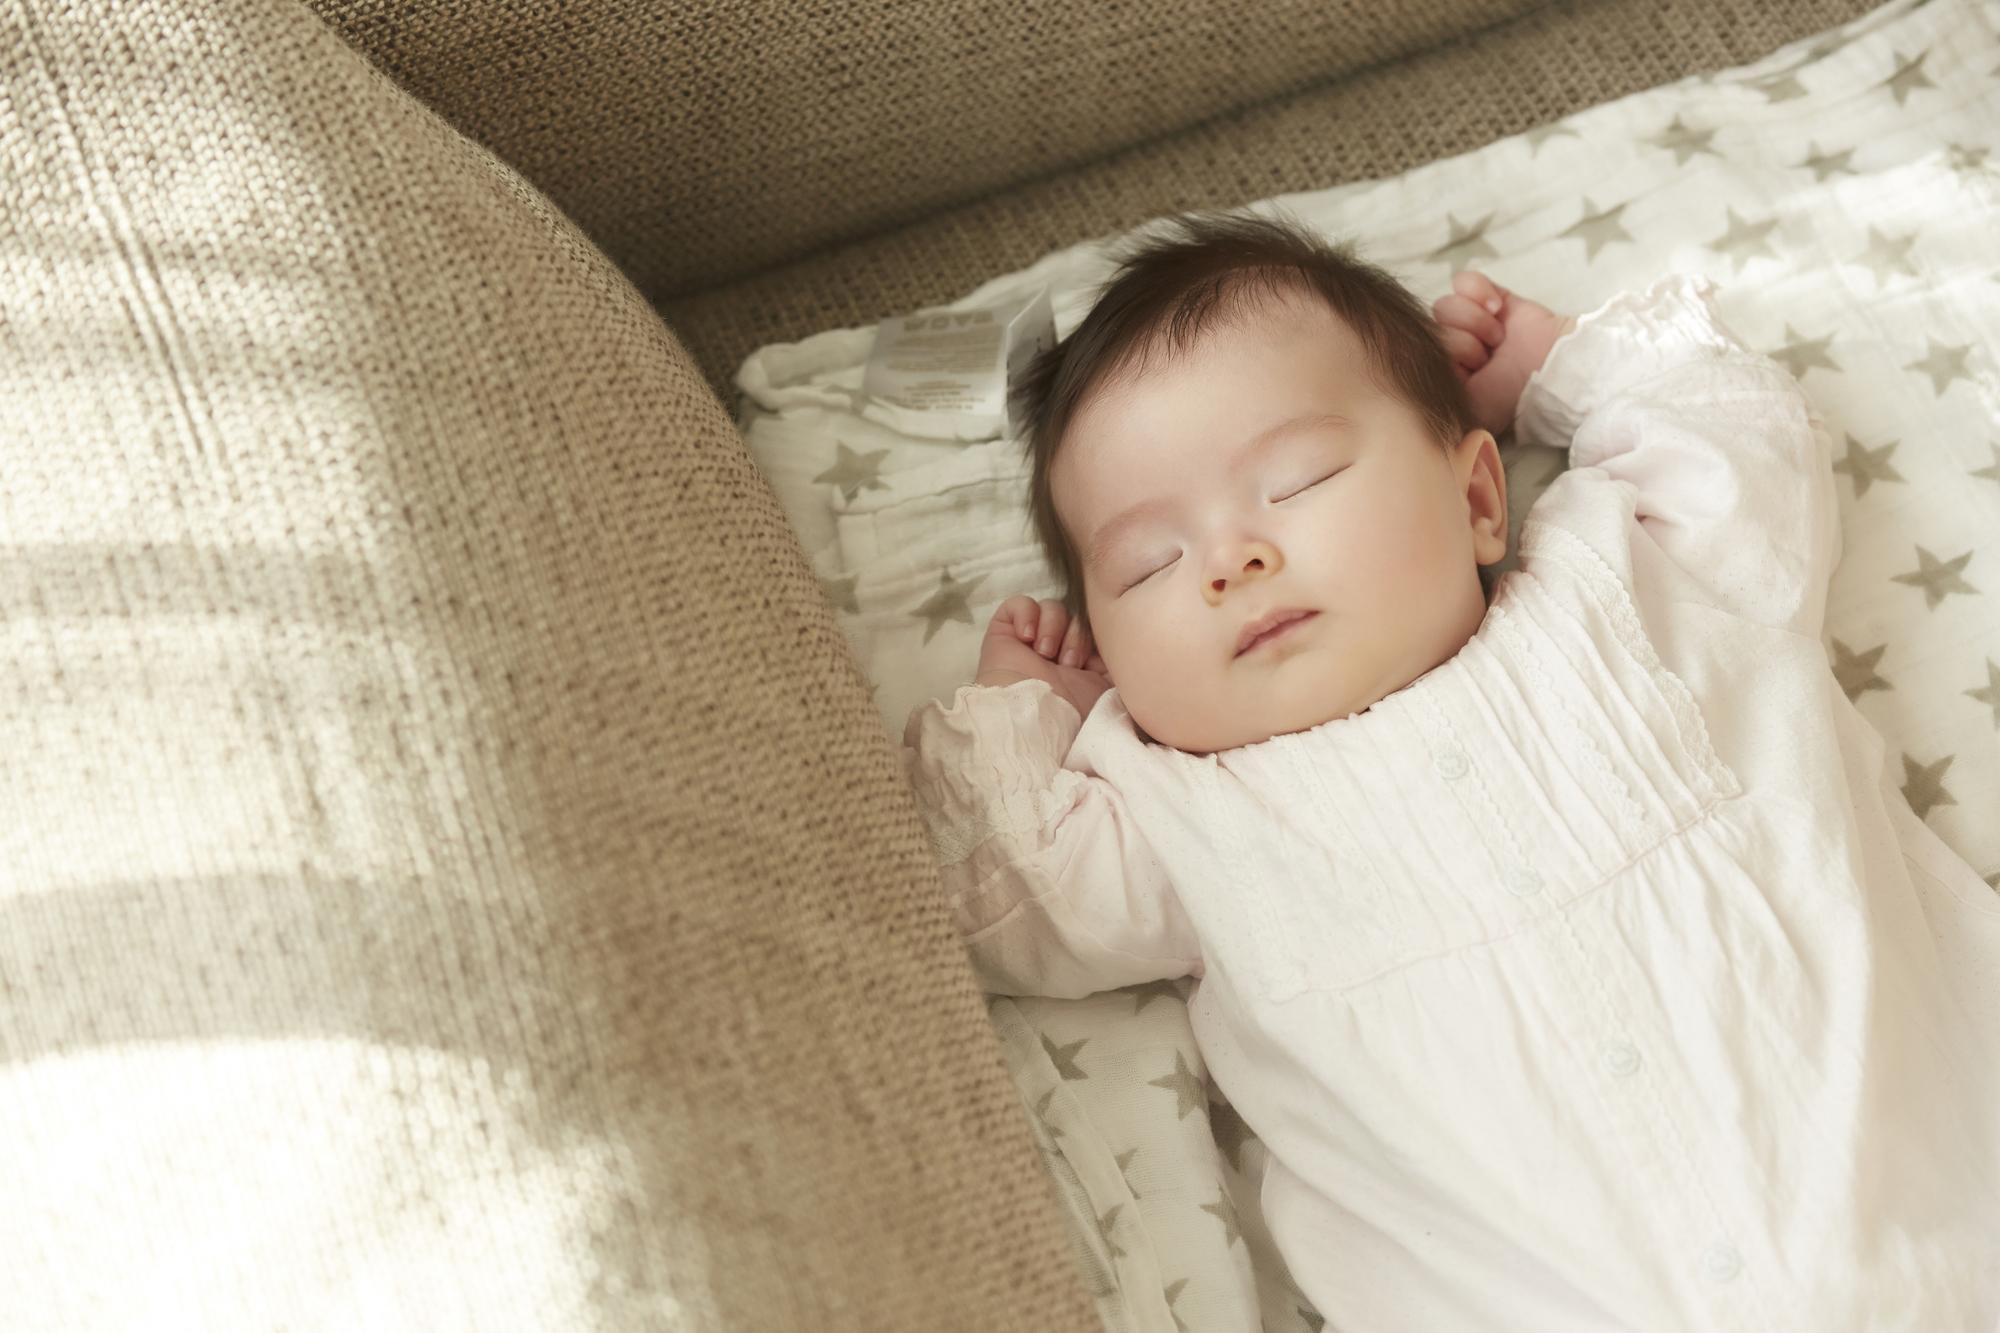 【医師解説】赤ちゃんの睡眠リズムの作り方と長く寝かせるためのコツとは?